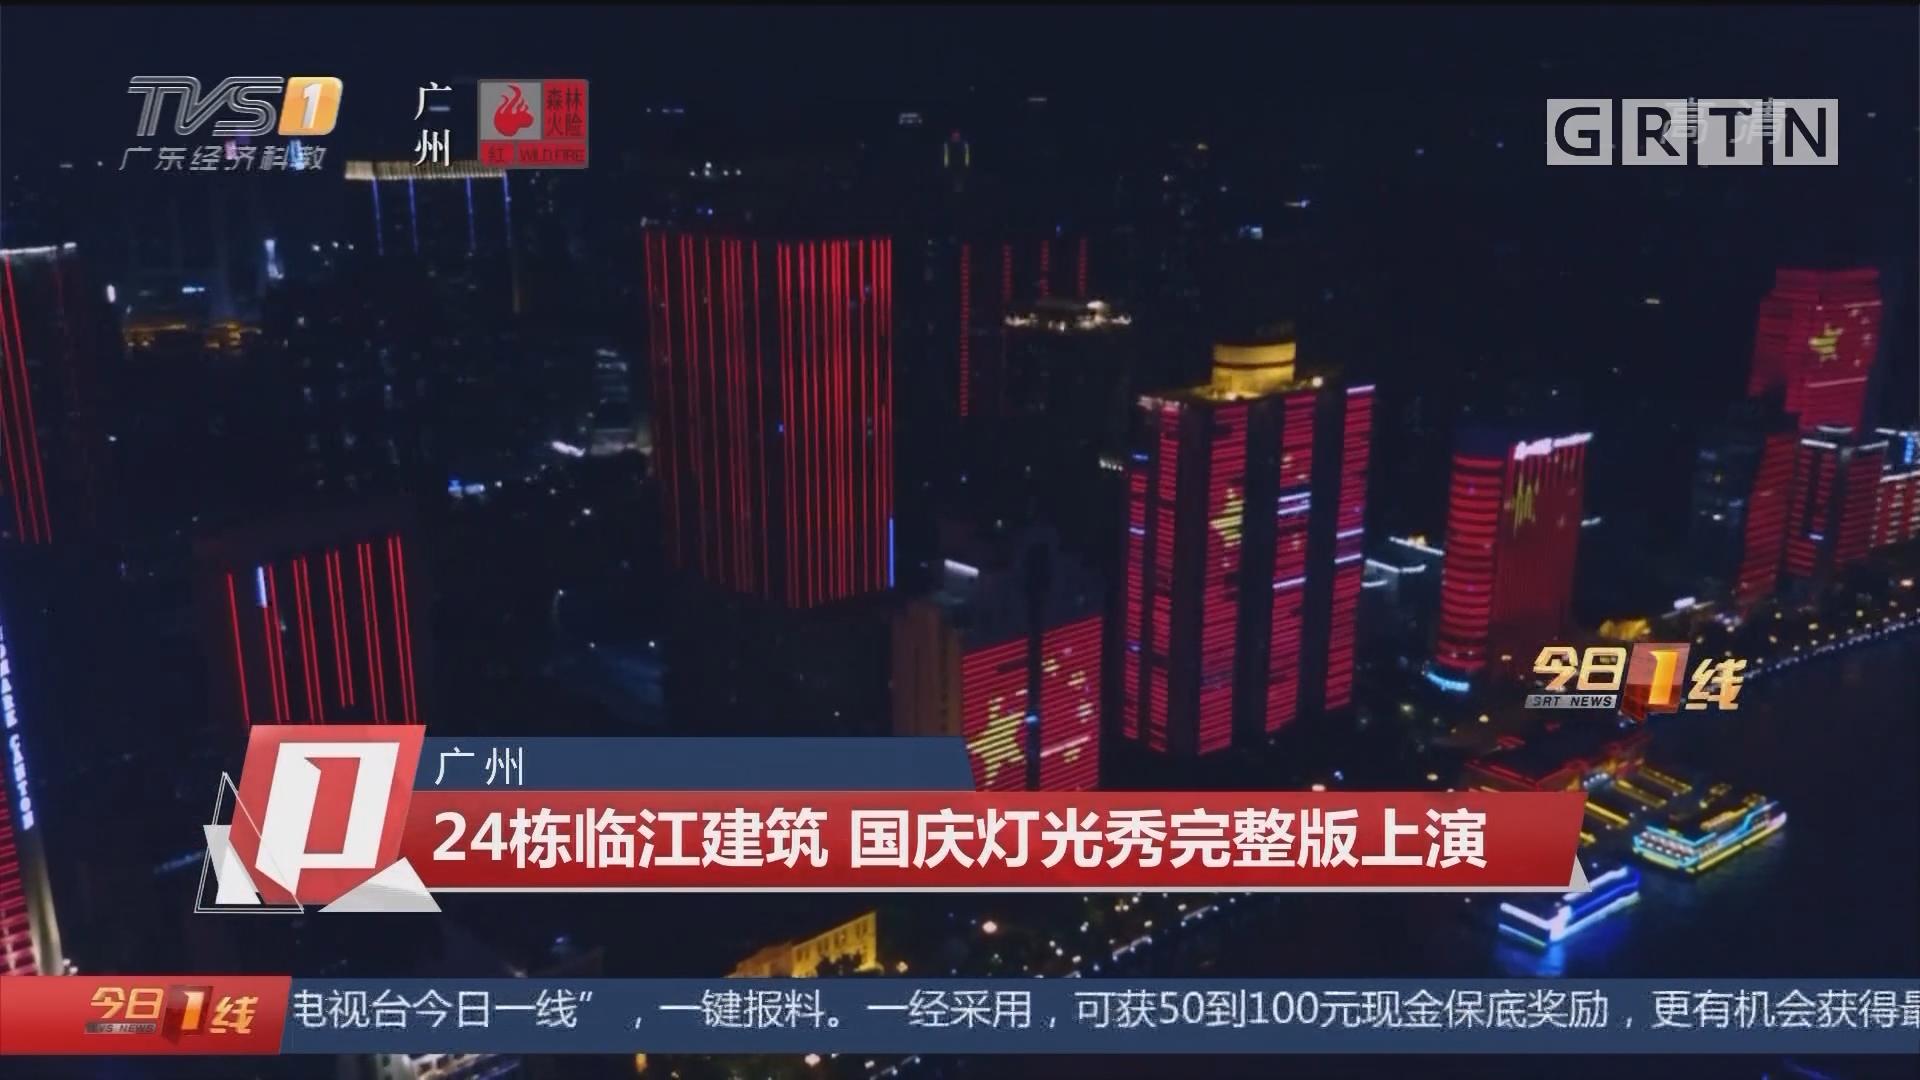 廣州:24棟臨江建筑 國慶燈光秀完整版上演